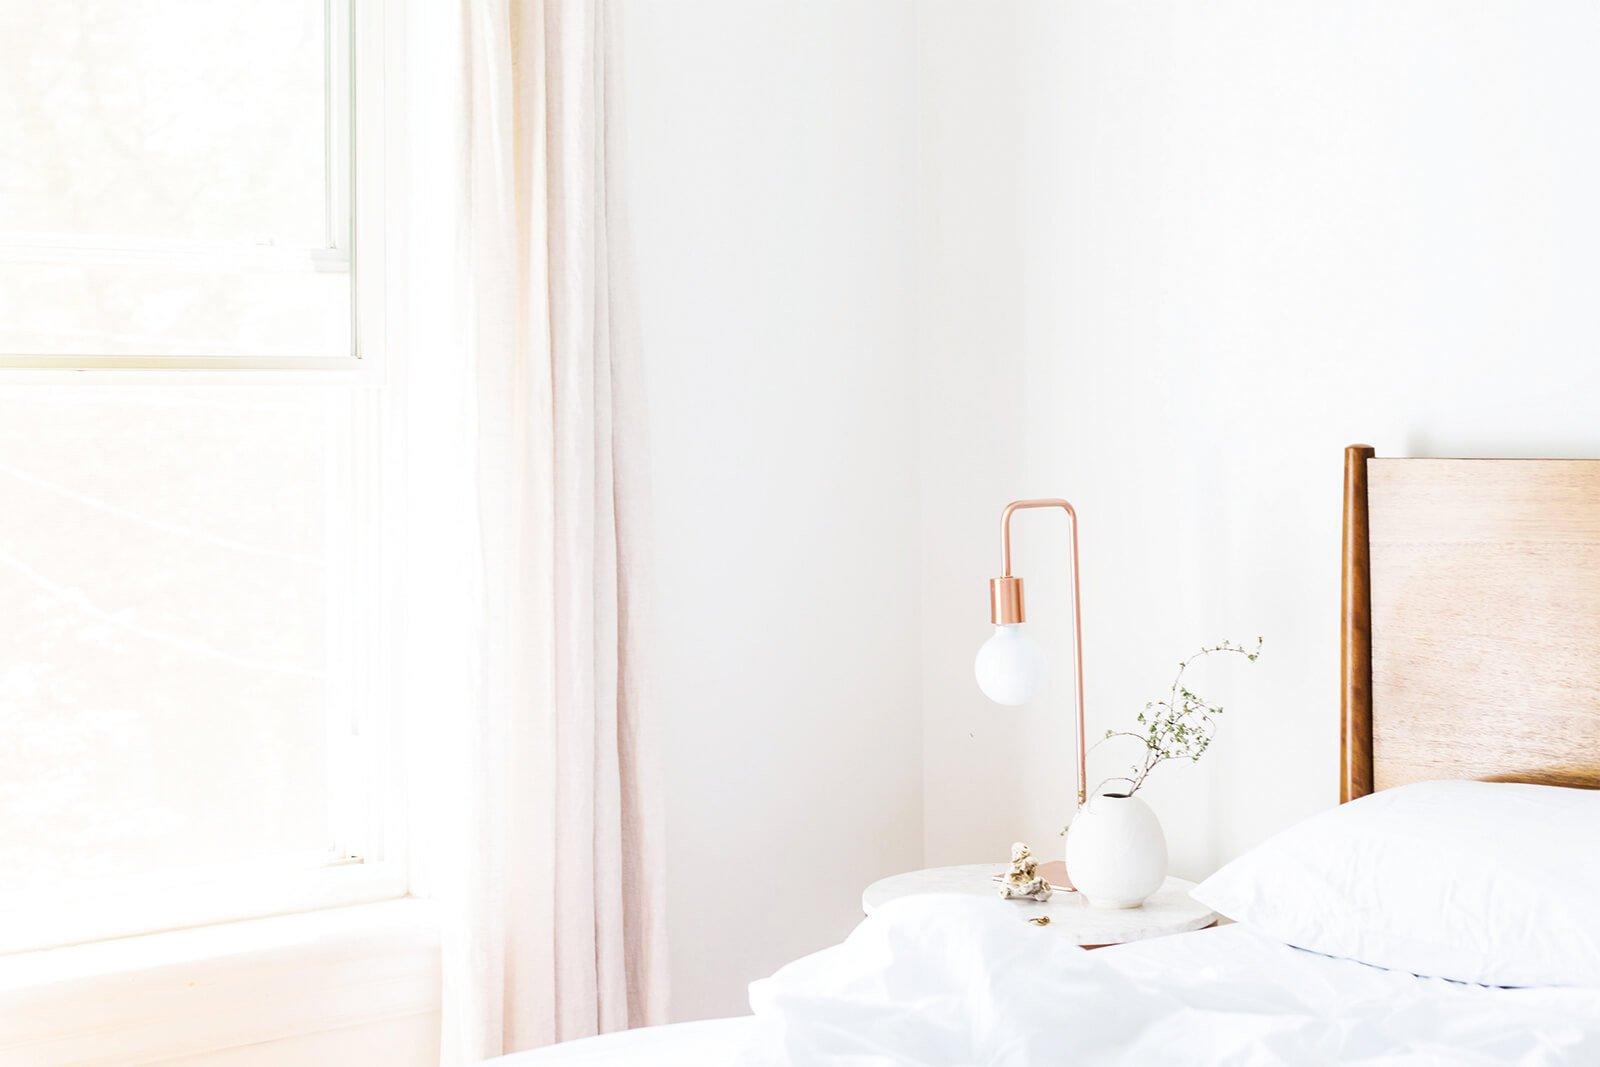 Dormitorio pintado de blanco con detalles en cobre